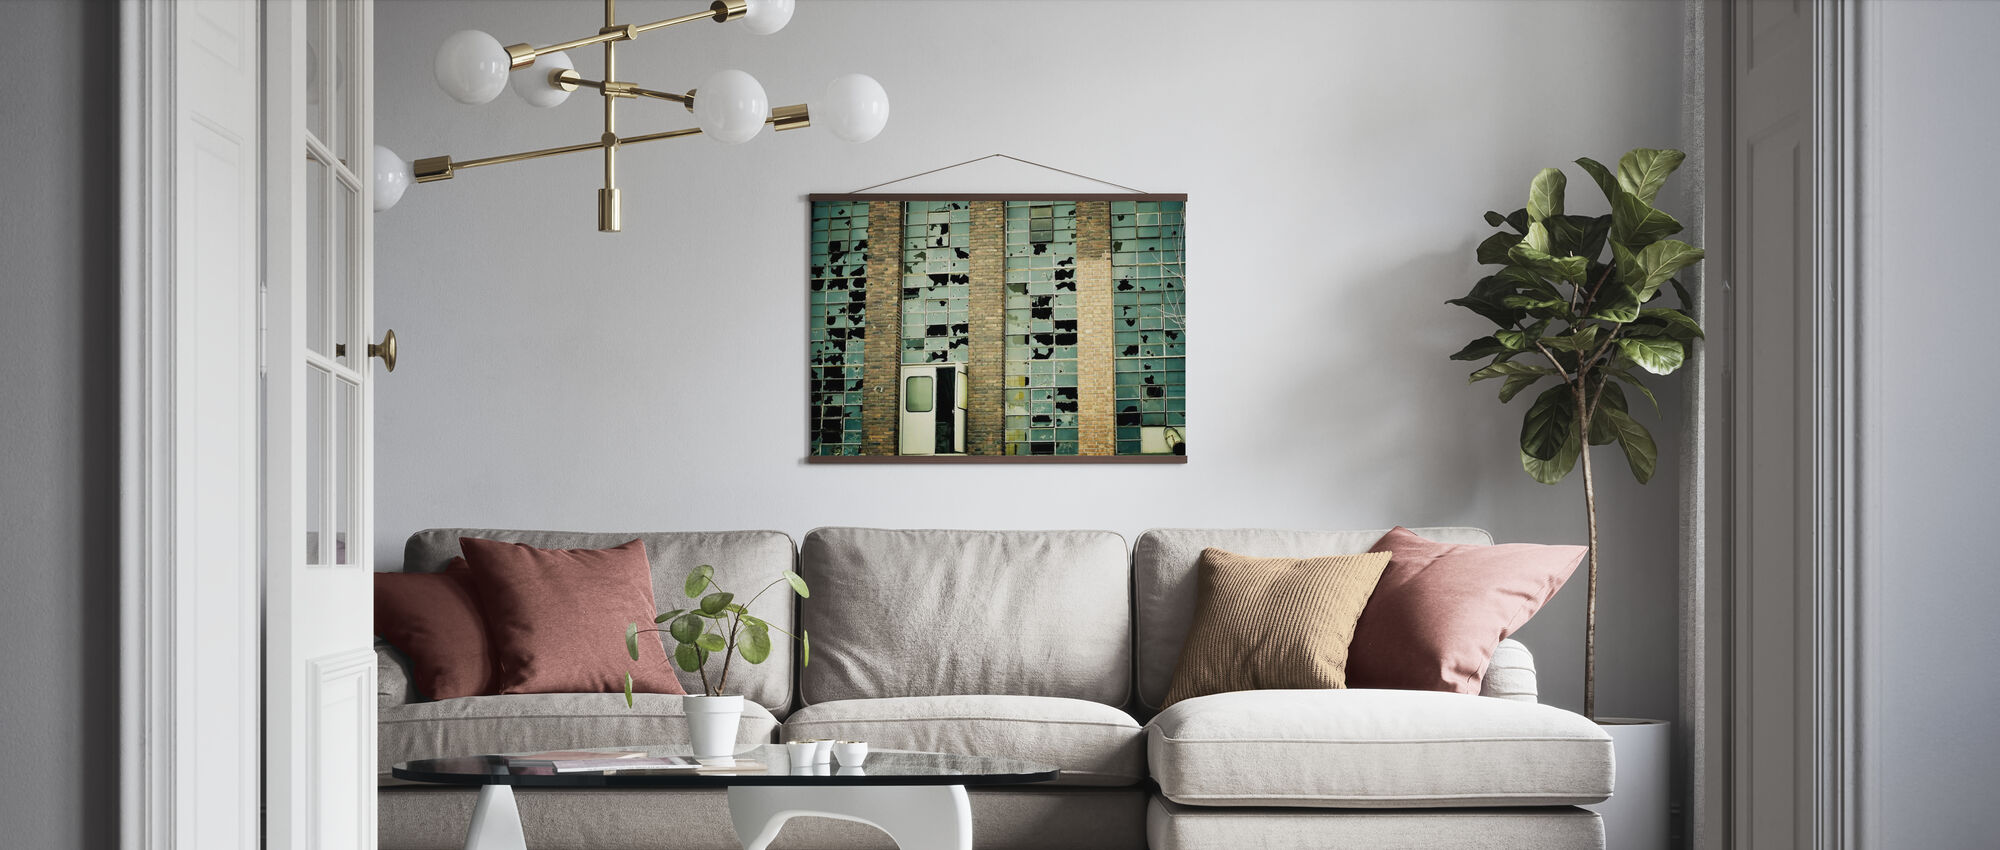 Broken Factory Glasses - Poster - Living Room